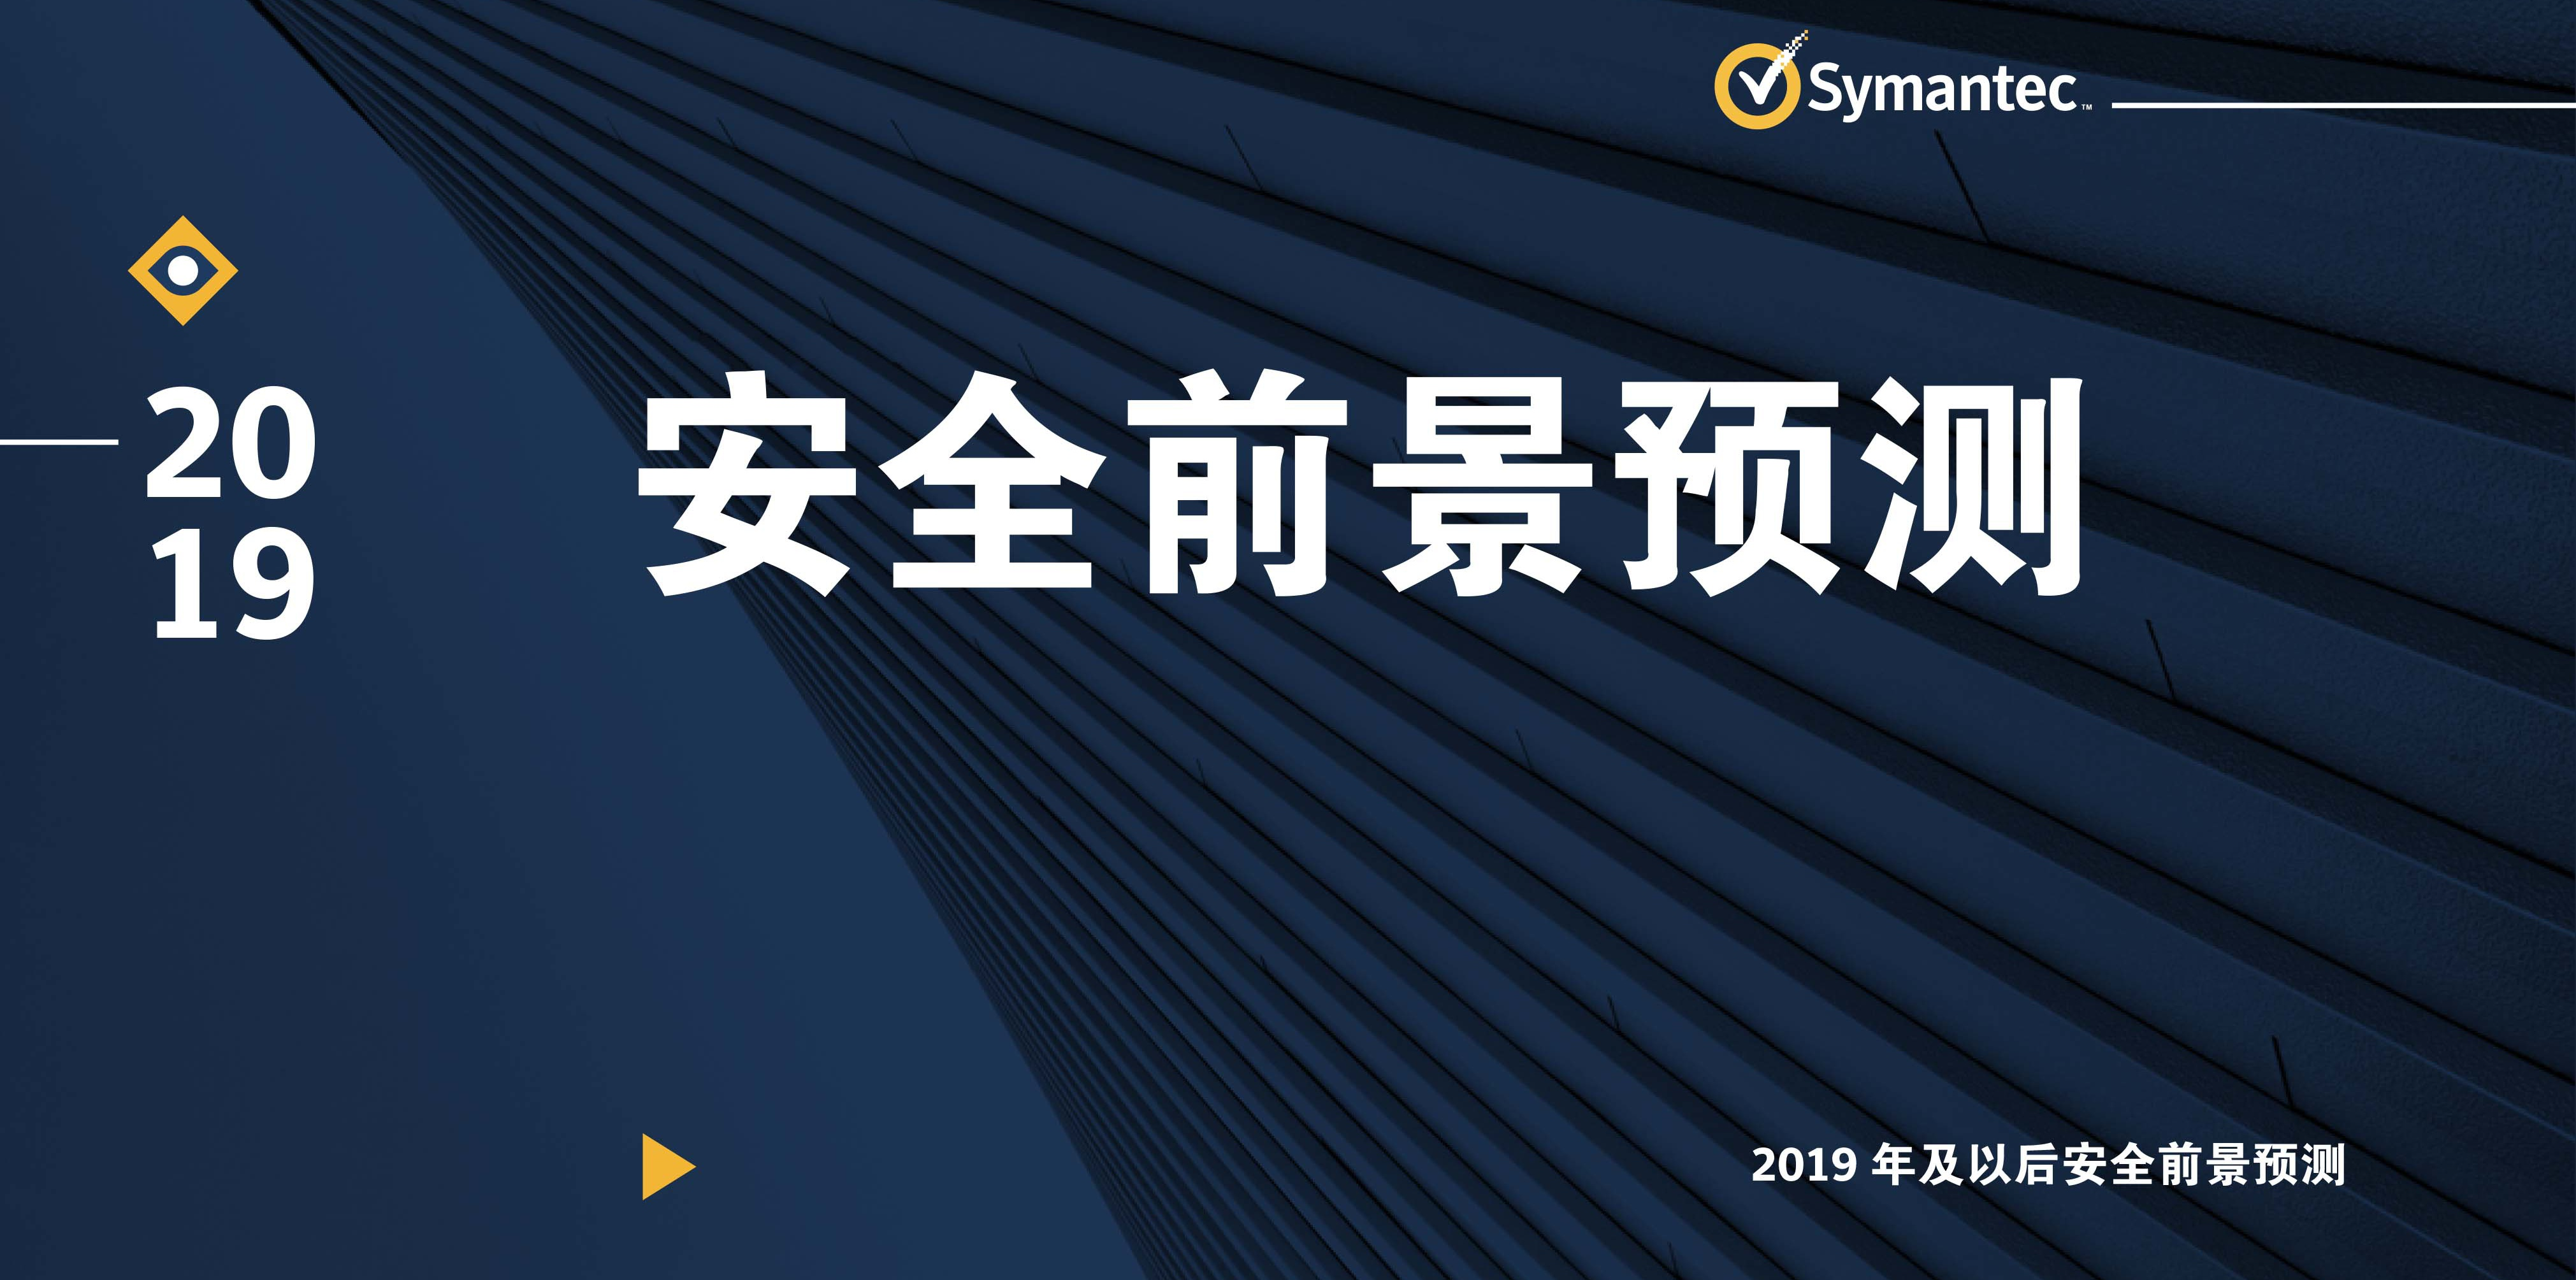 赛门铁克发布2019年及未来网络安全趋势预测